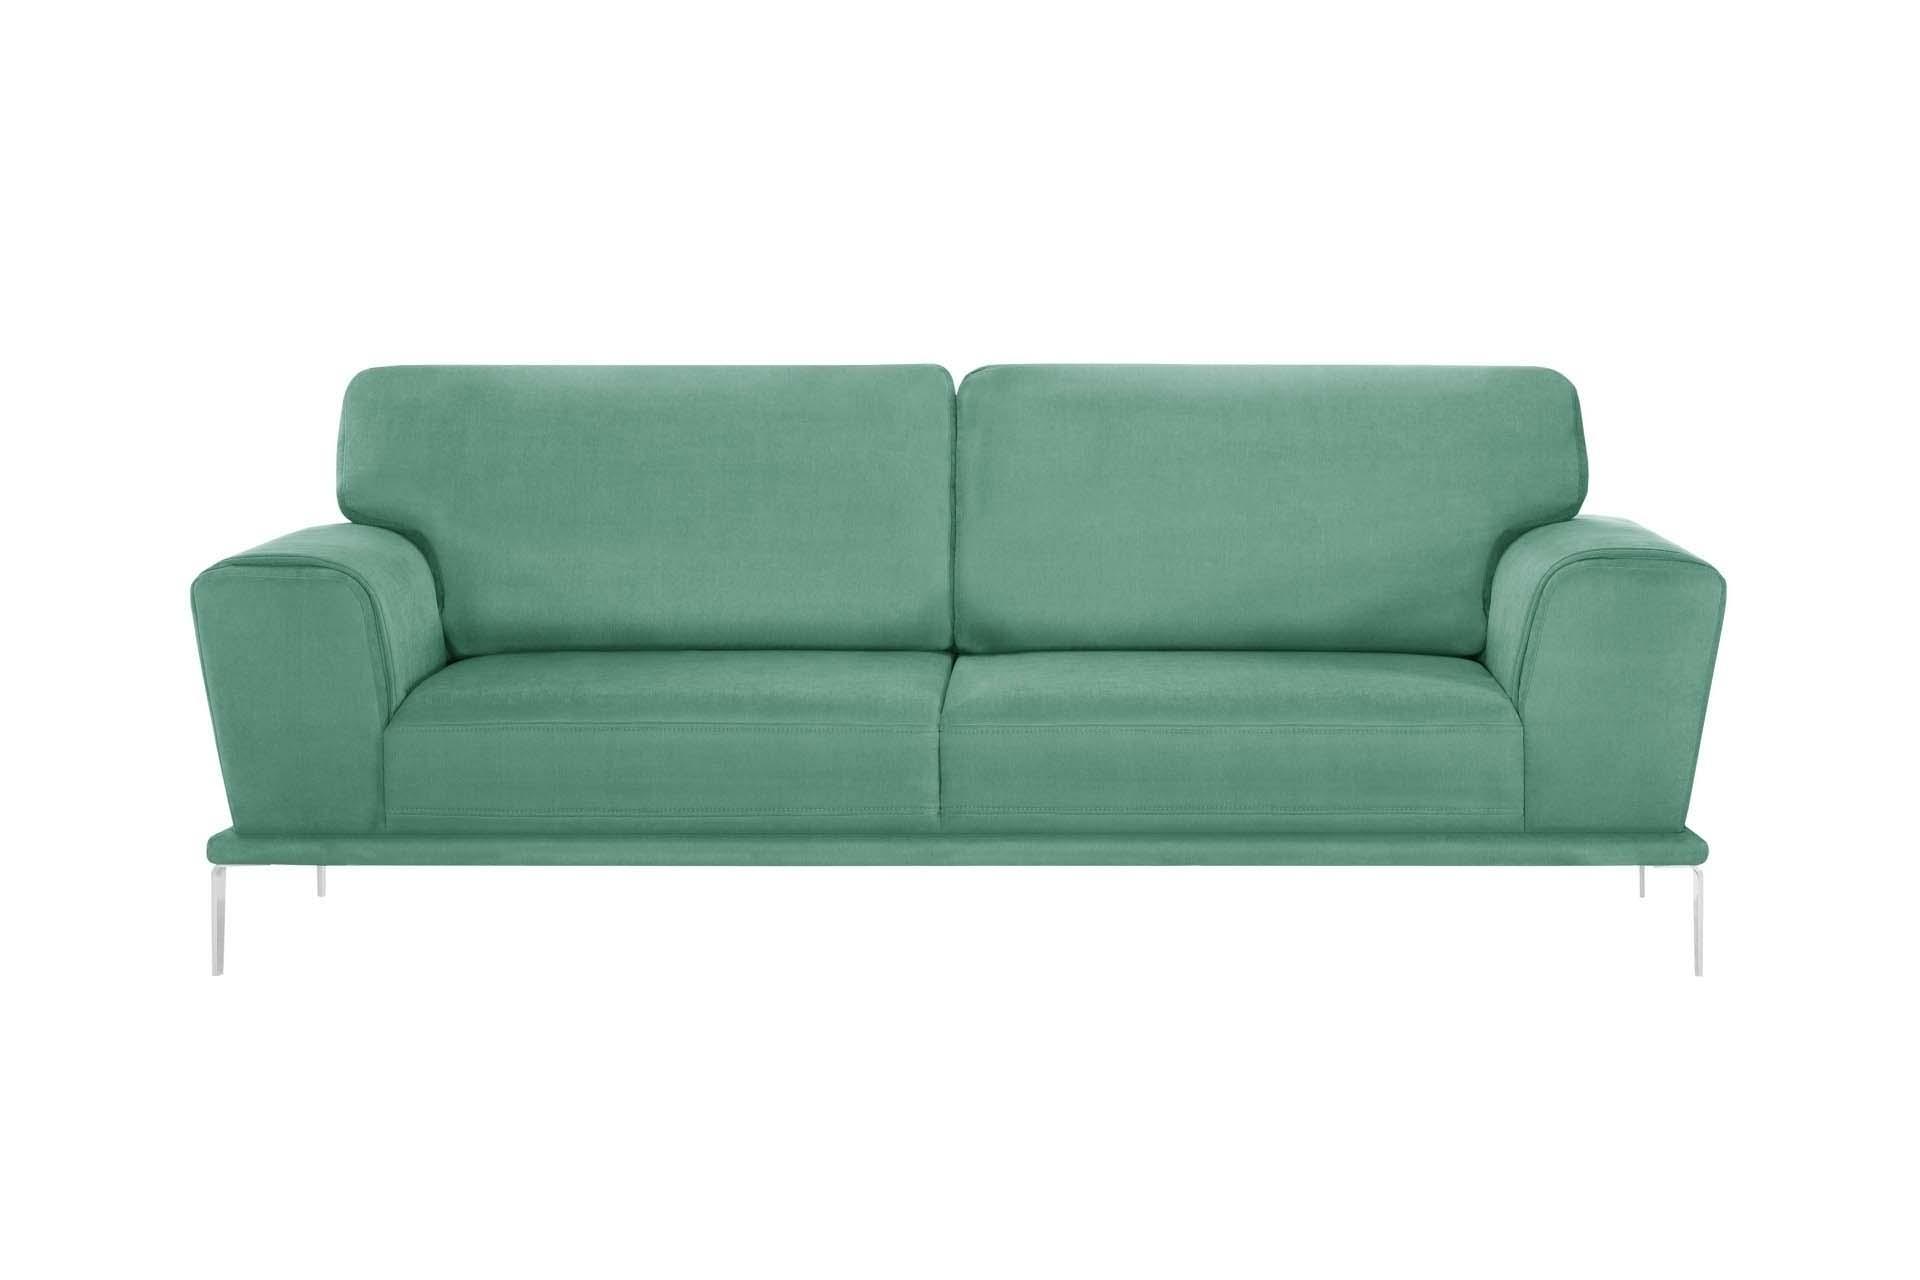 Canapé 3 places toucher coton menthe